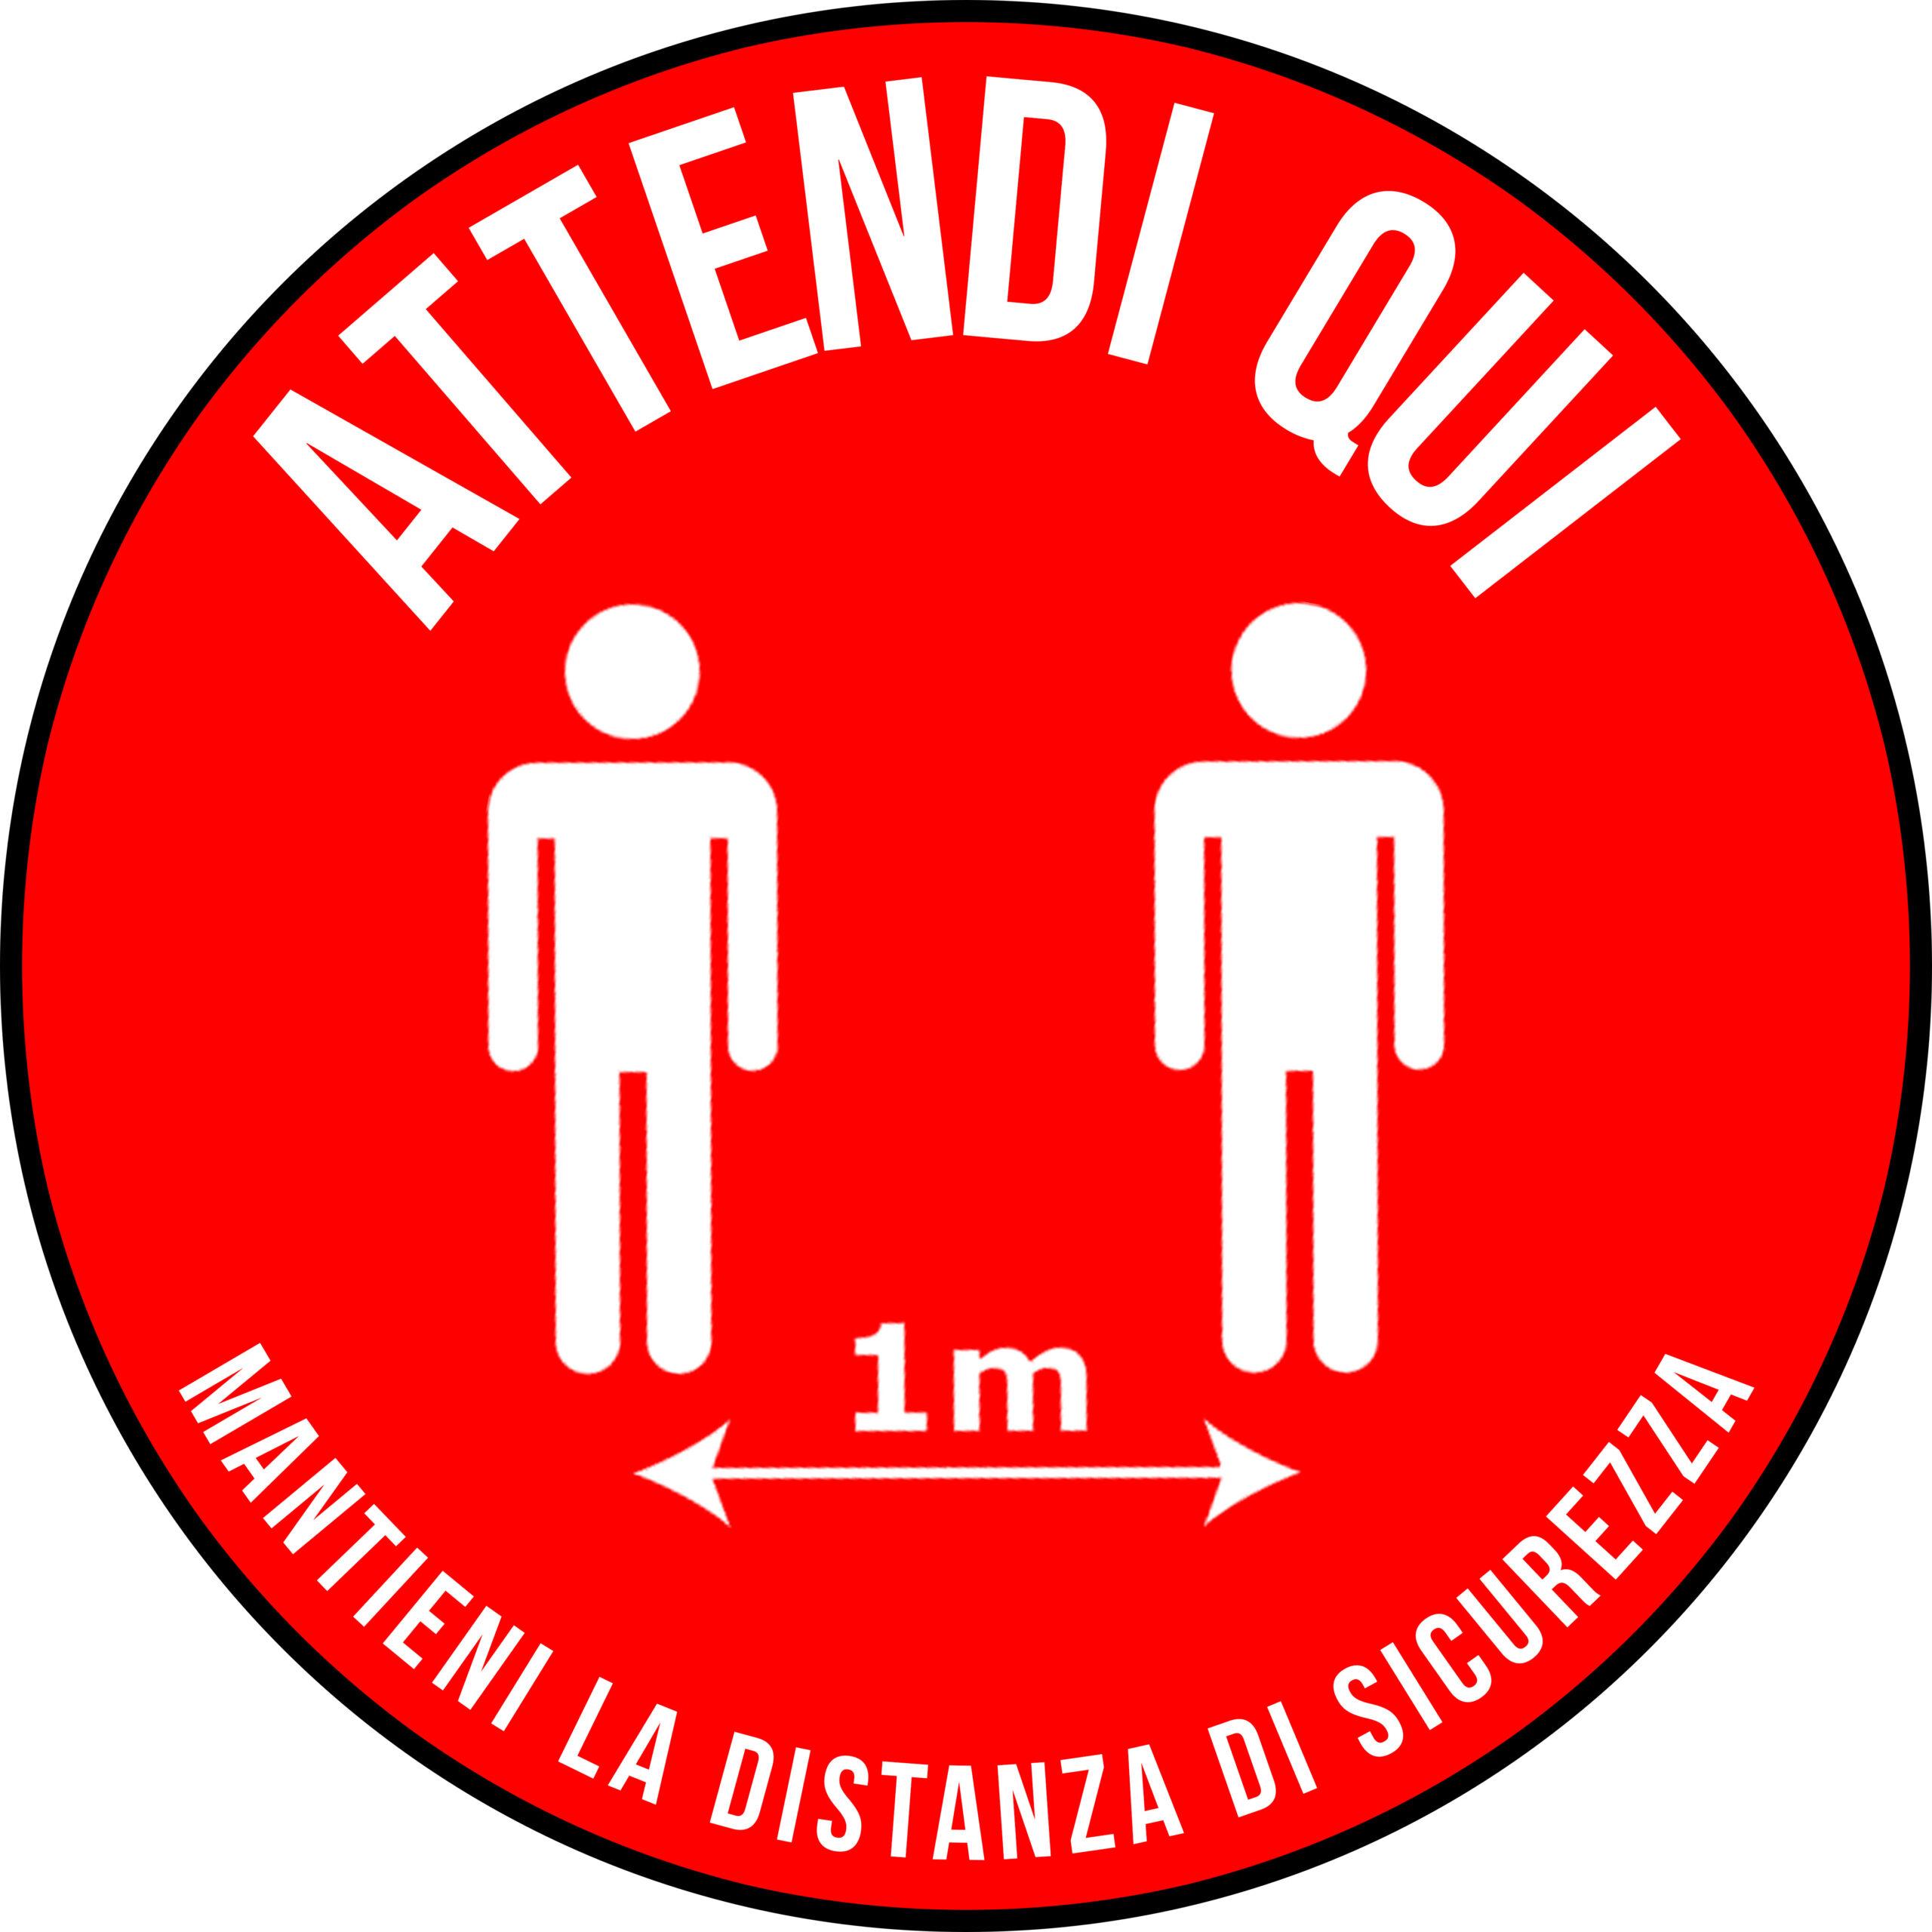 Adesivo - Attendi Qui Distanza - Cerchio Rosso